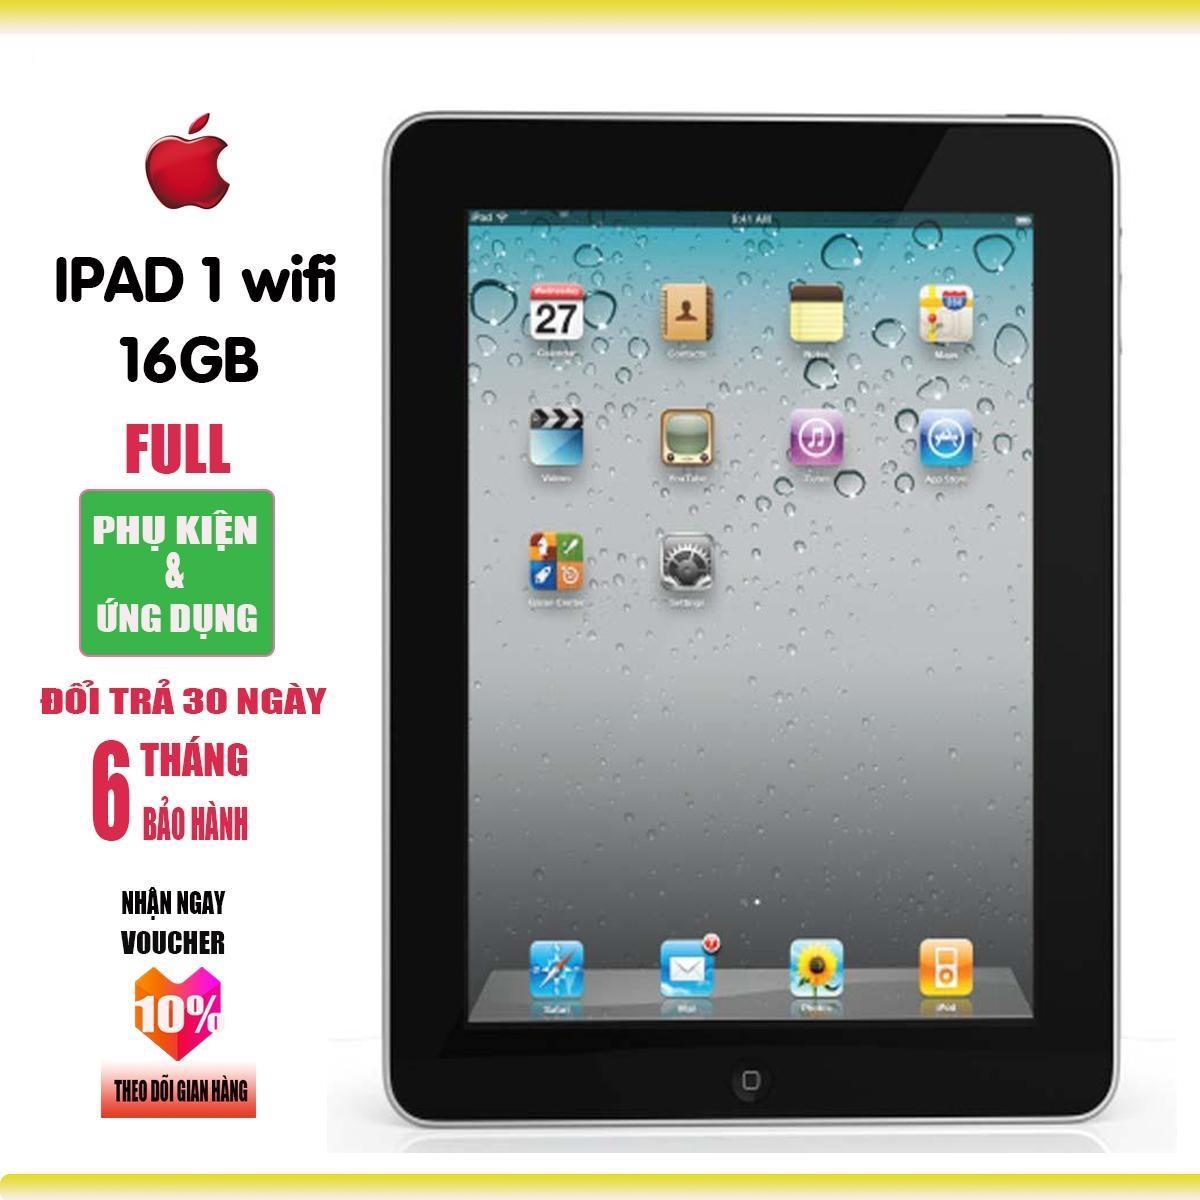 Máy tính bảng iPAD1 - 16GB - Bảo hành 6T - Full ứng dụng - Full phụ kiện - Everything Store Nhật Bản